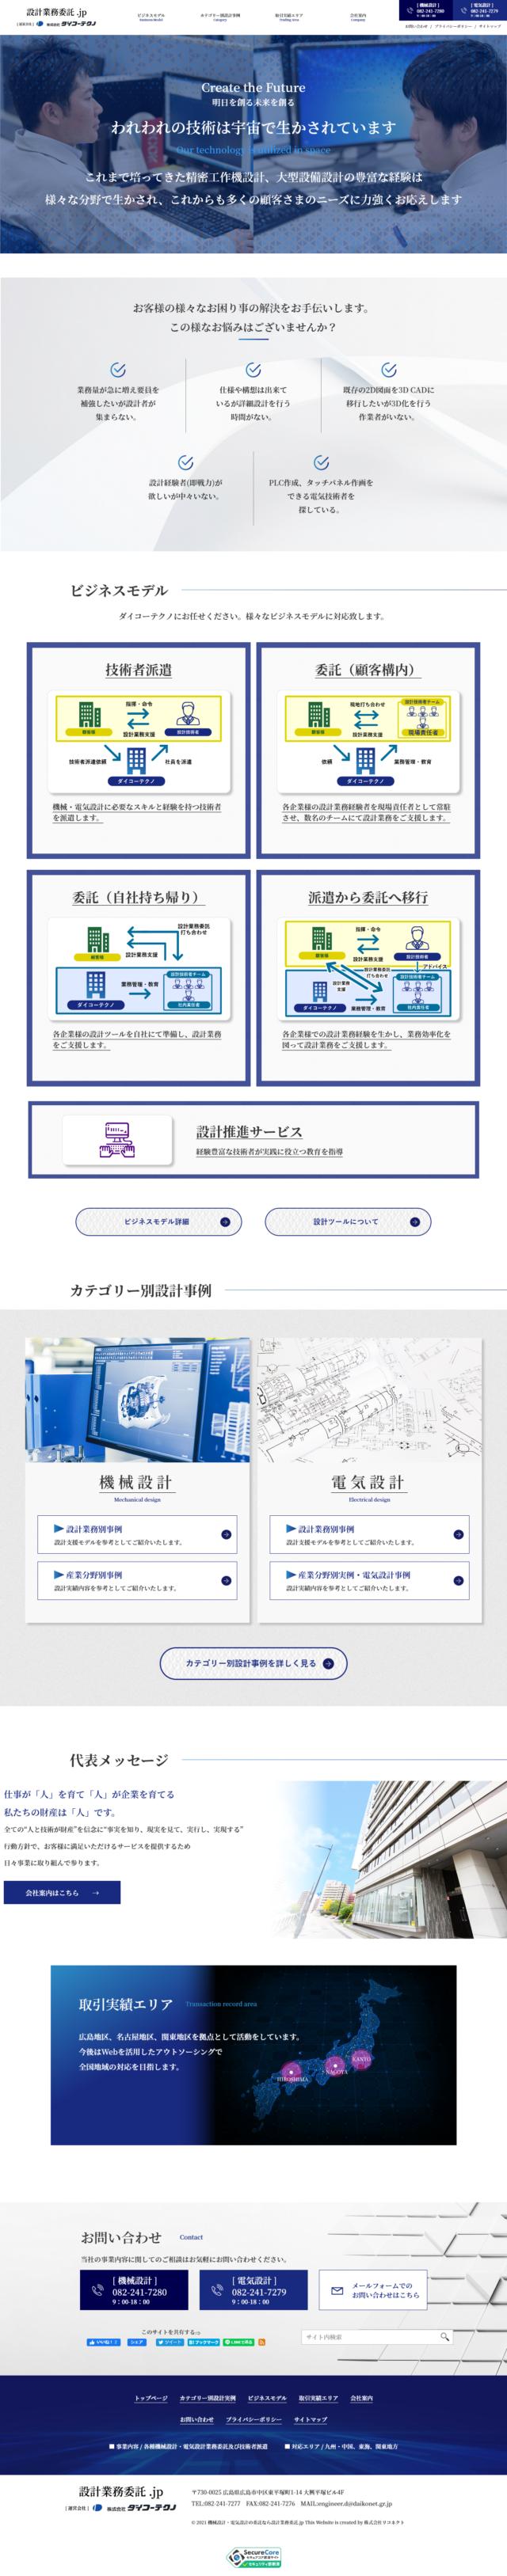 広島・愛知・東京を拠点に機械設計・電気設計の業務受託事業を行う株式会社ダイコーテクノ 様